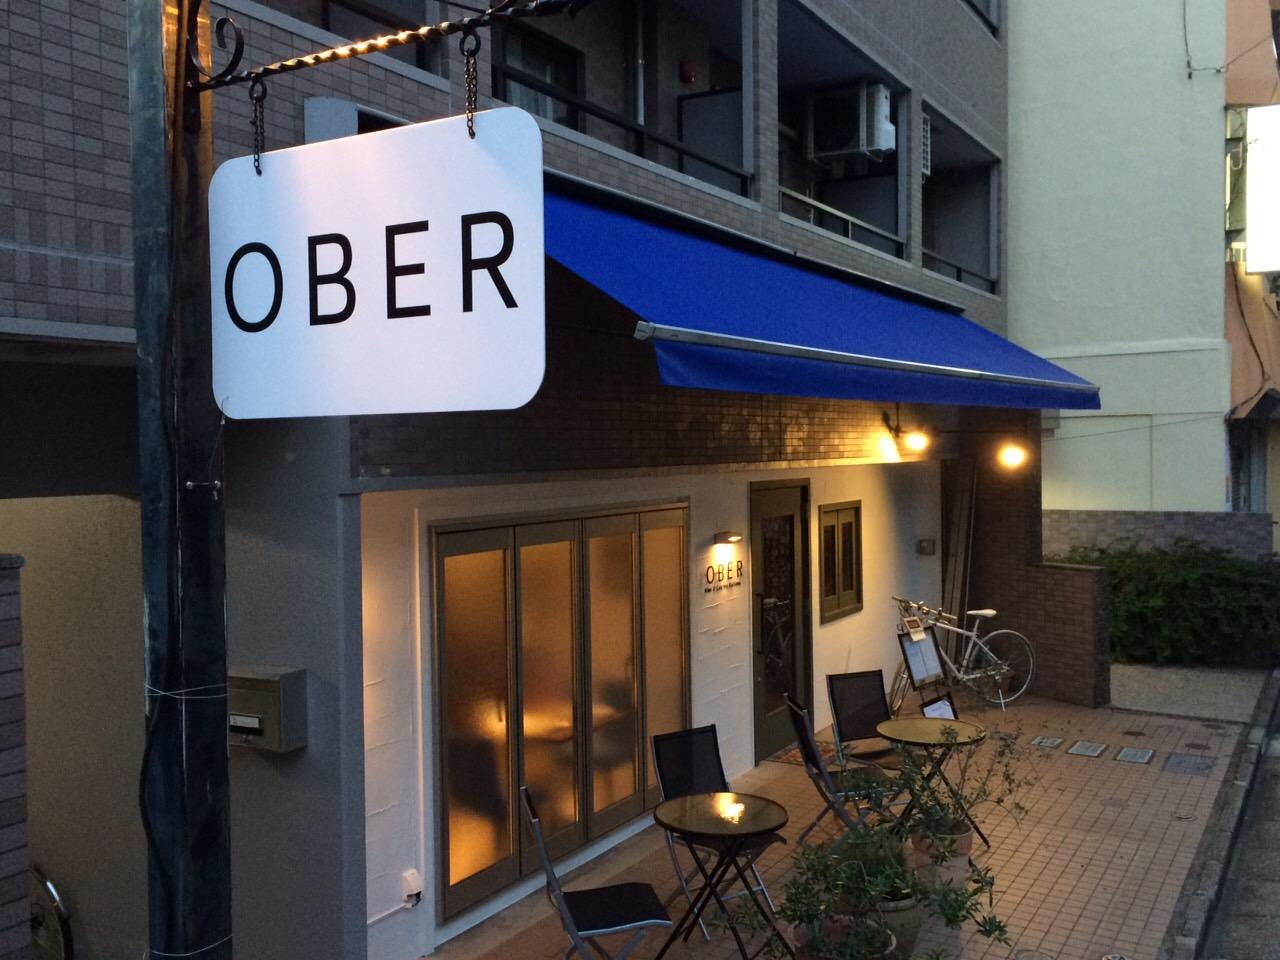 OBER_01